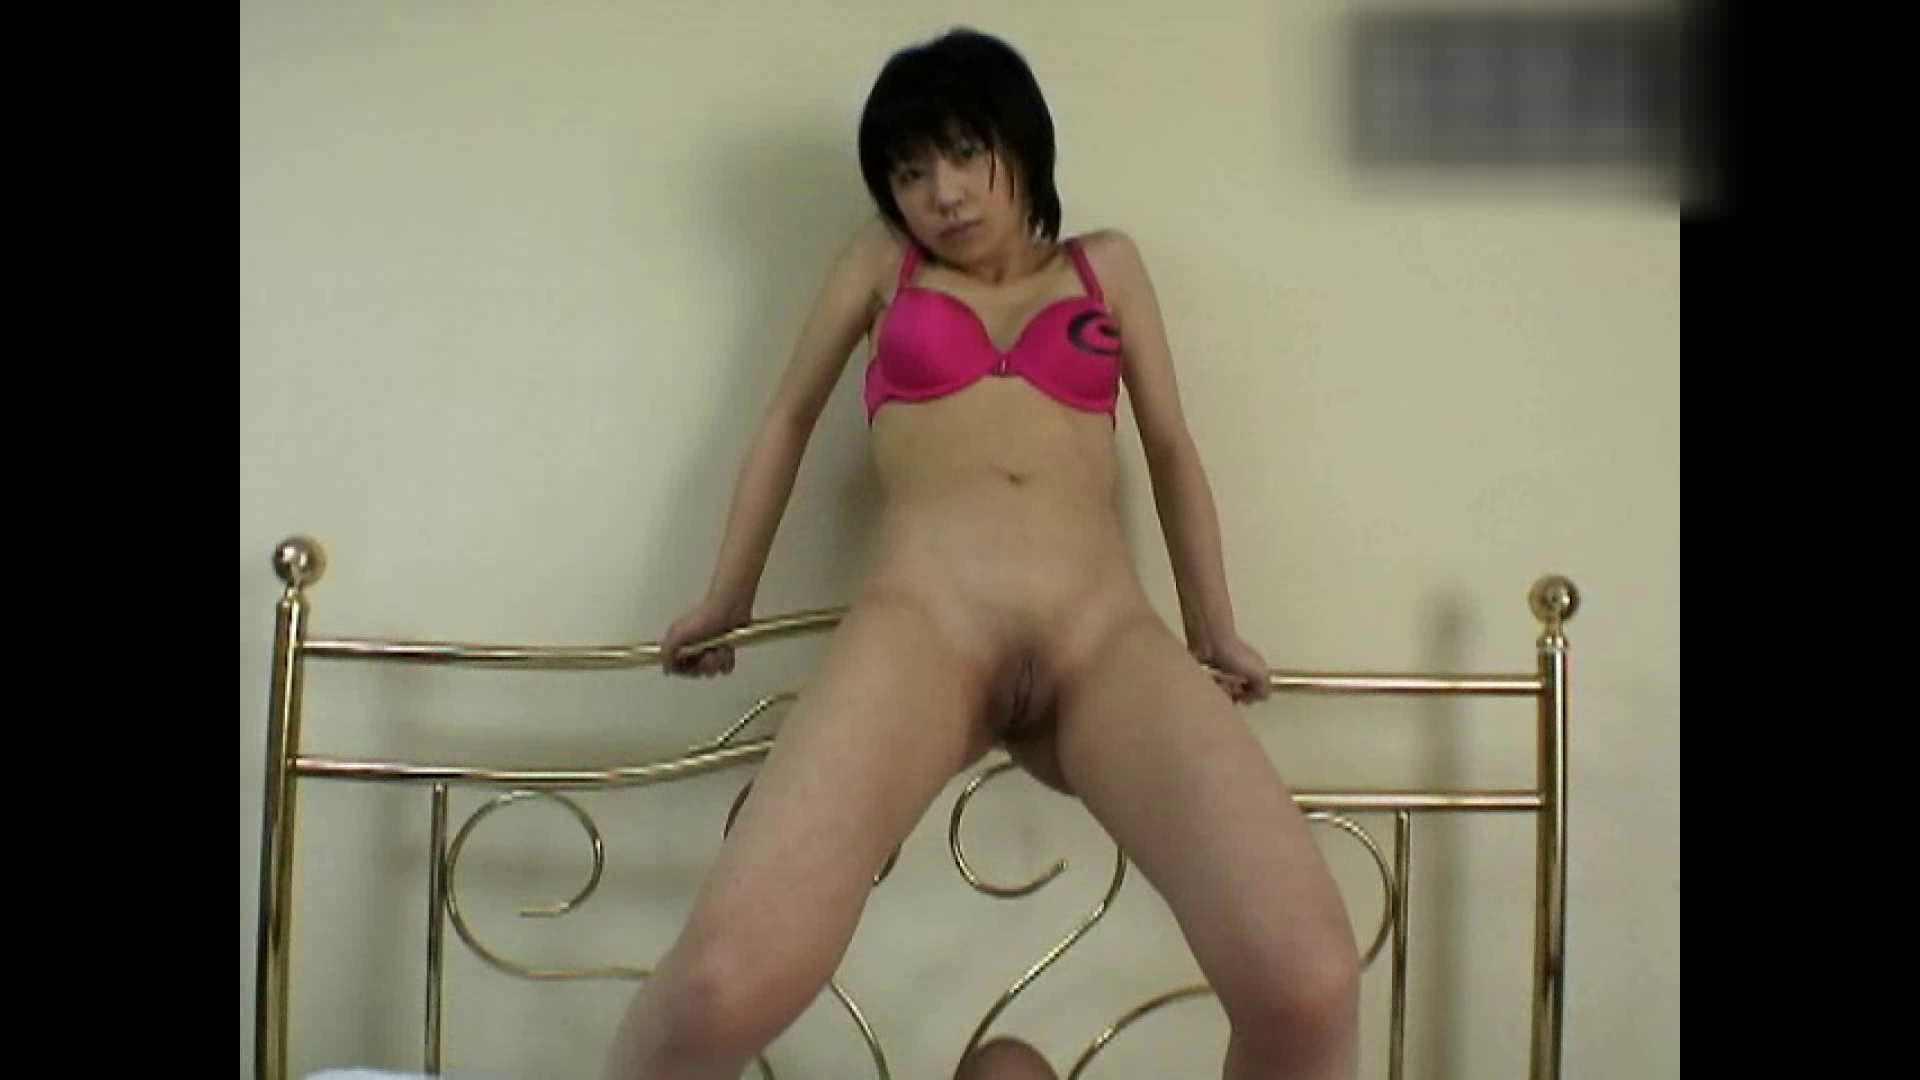 アッと驚くハメ五郎 Vol.13 美女 | OLのエロ生活  29連発 15